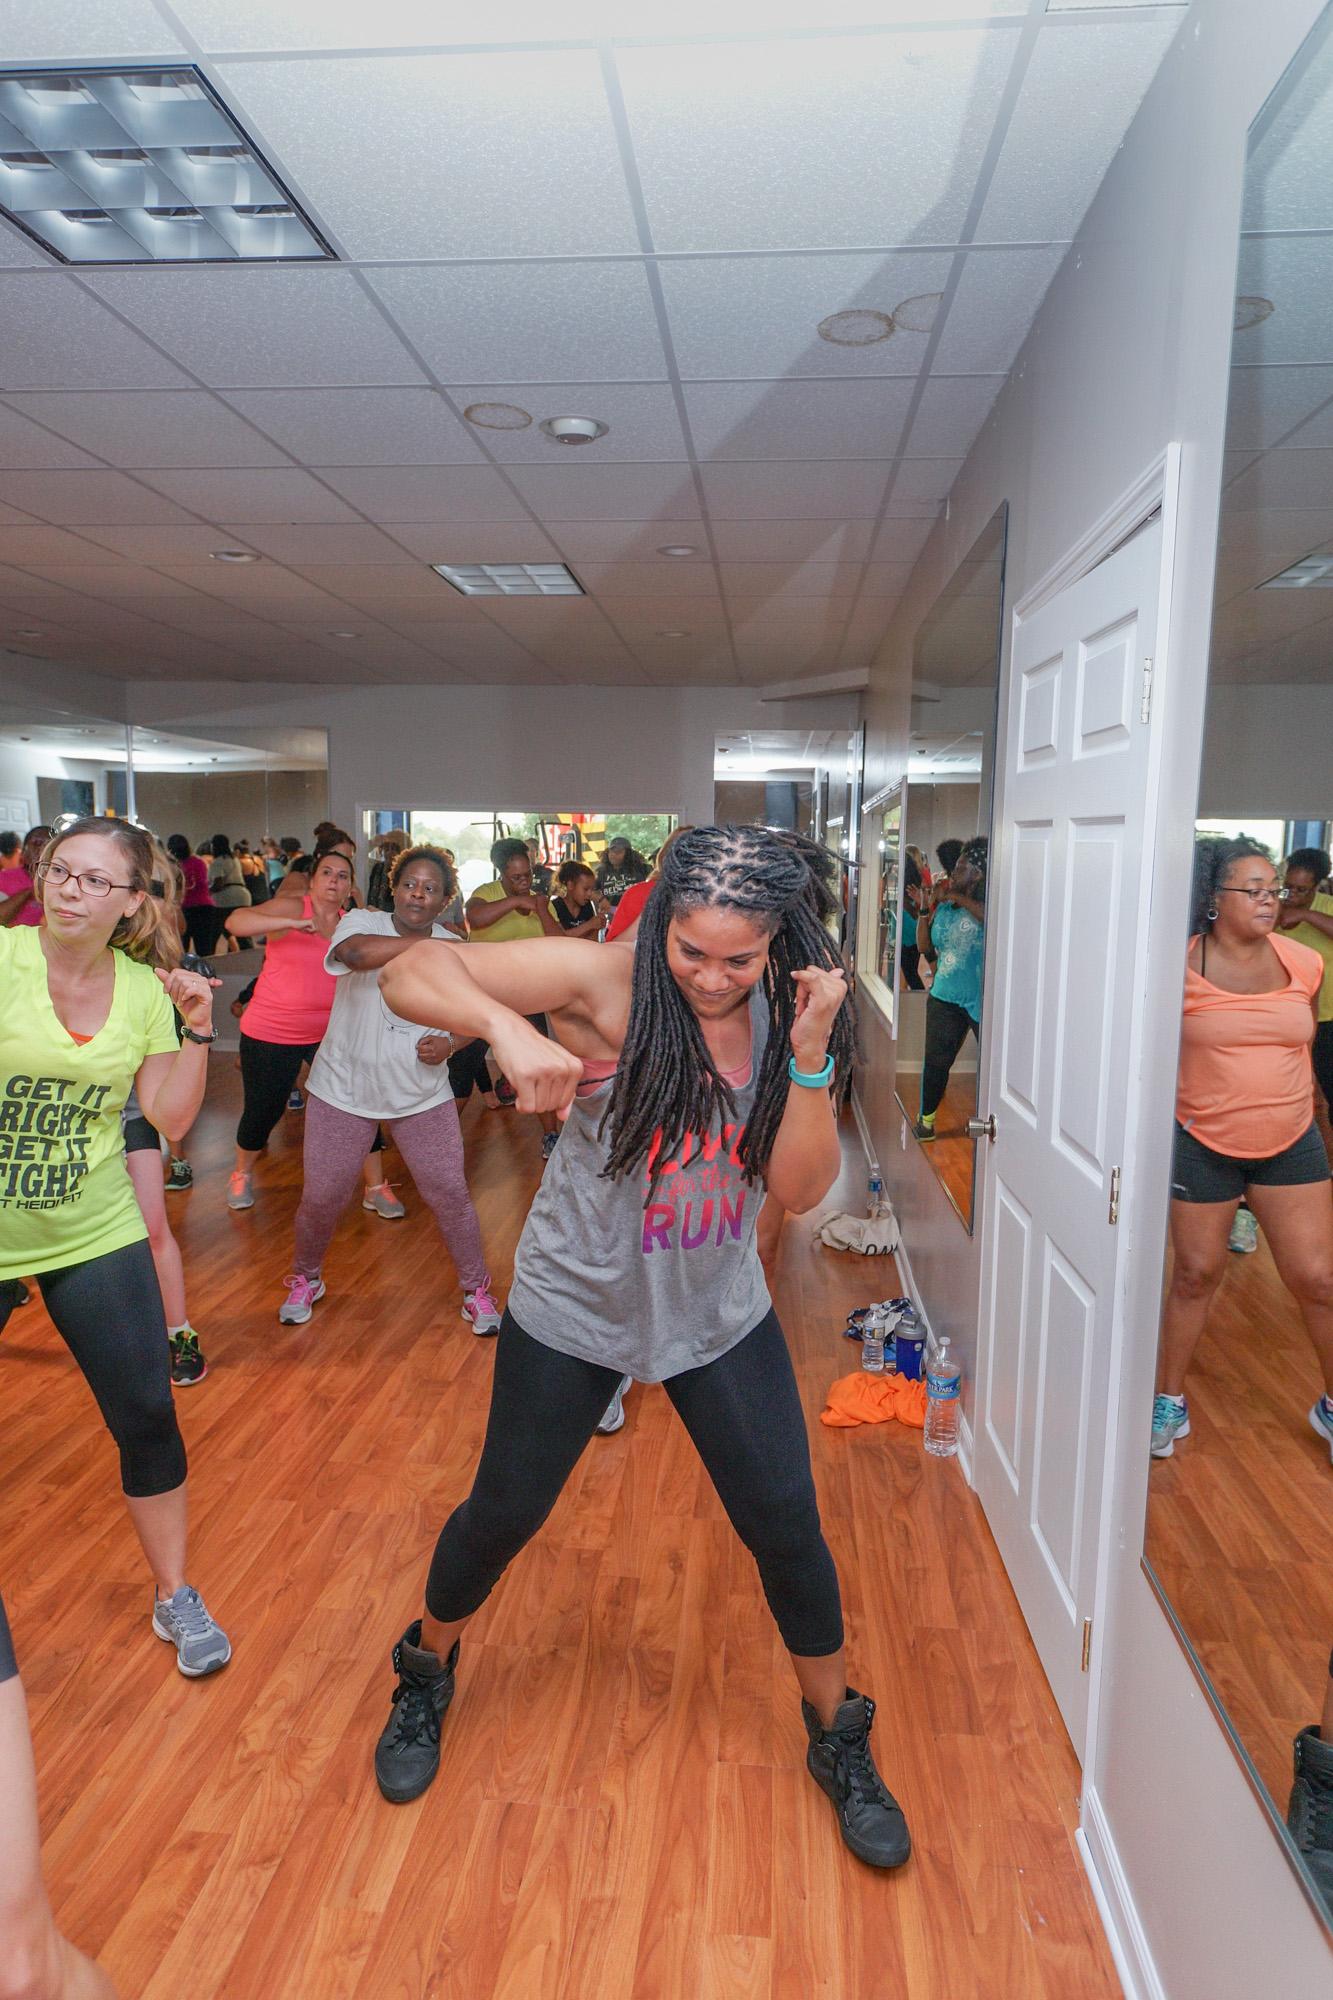 08-15-16 Max Fitness Bang-17